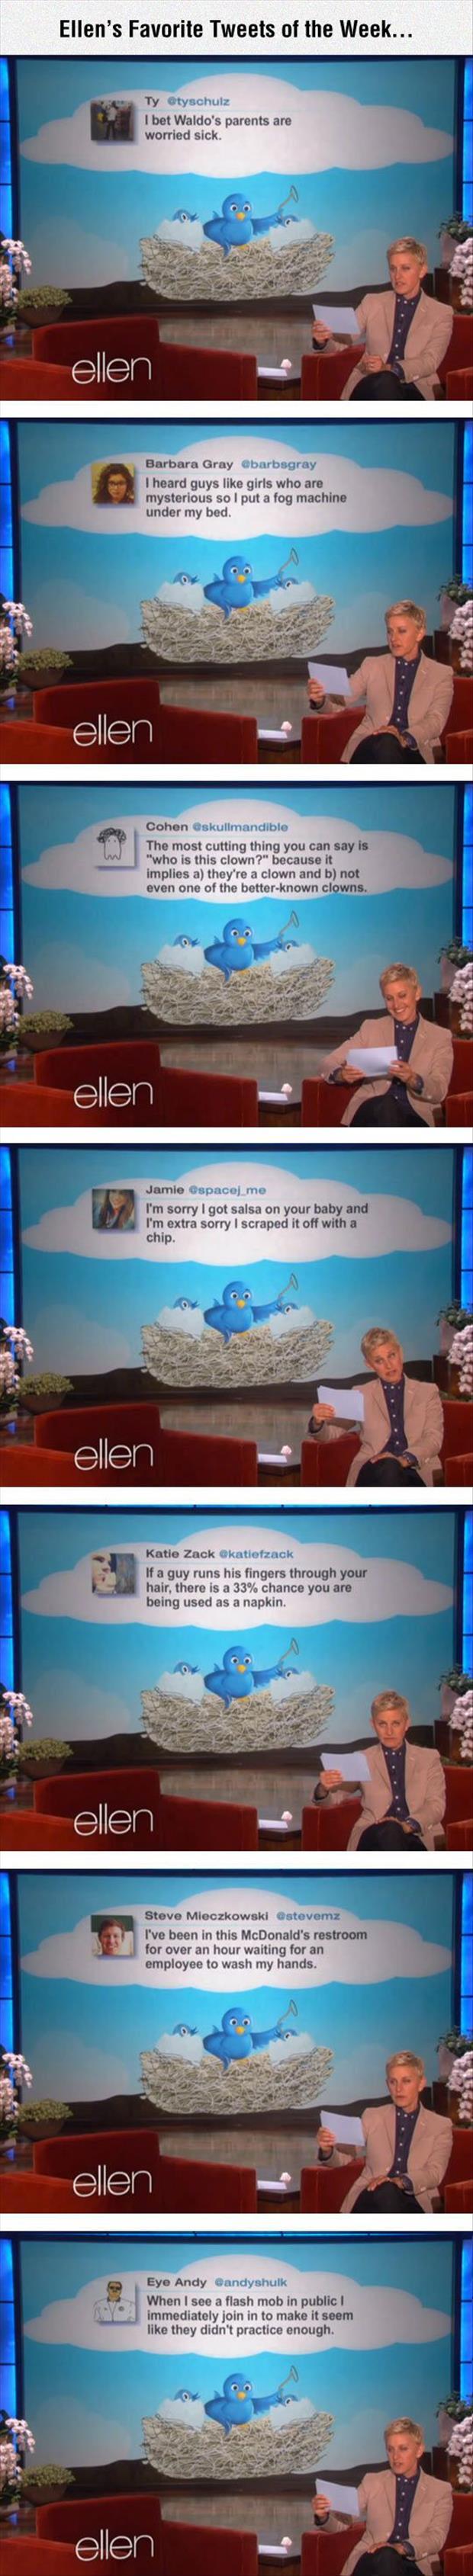 Ellen Degeneres's Favorite Tweets Of The Week